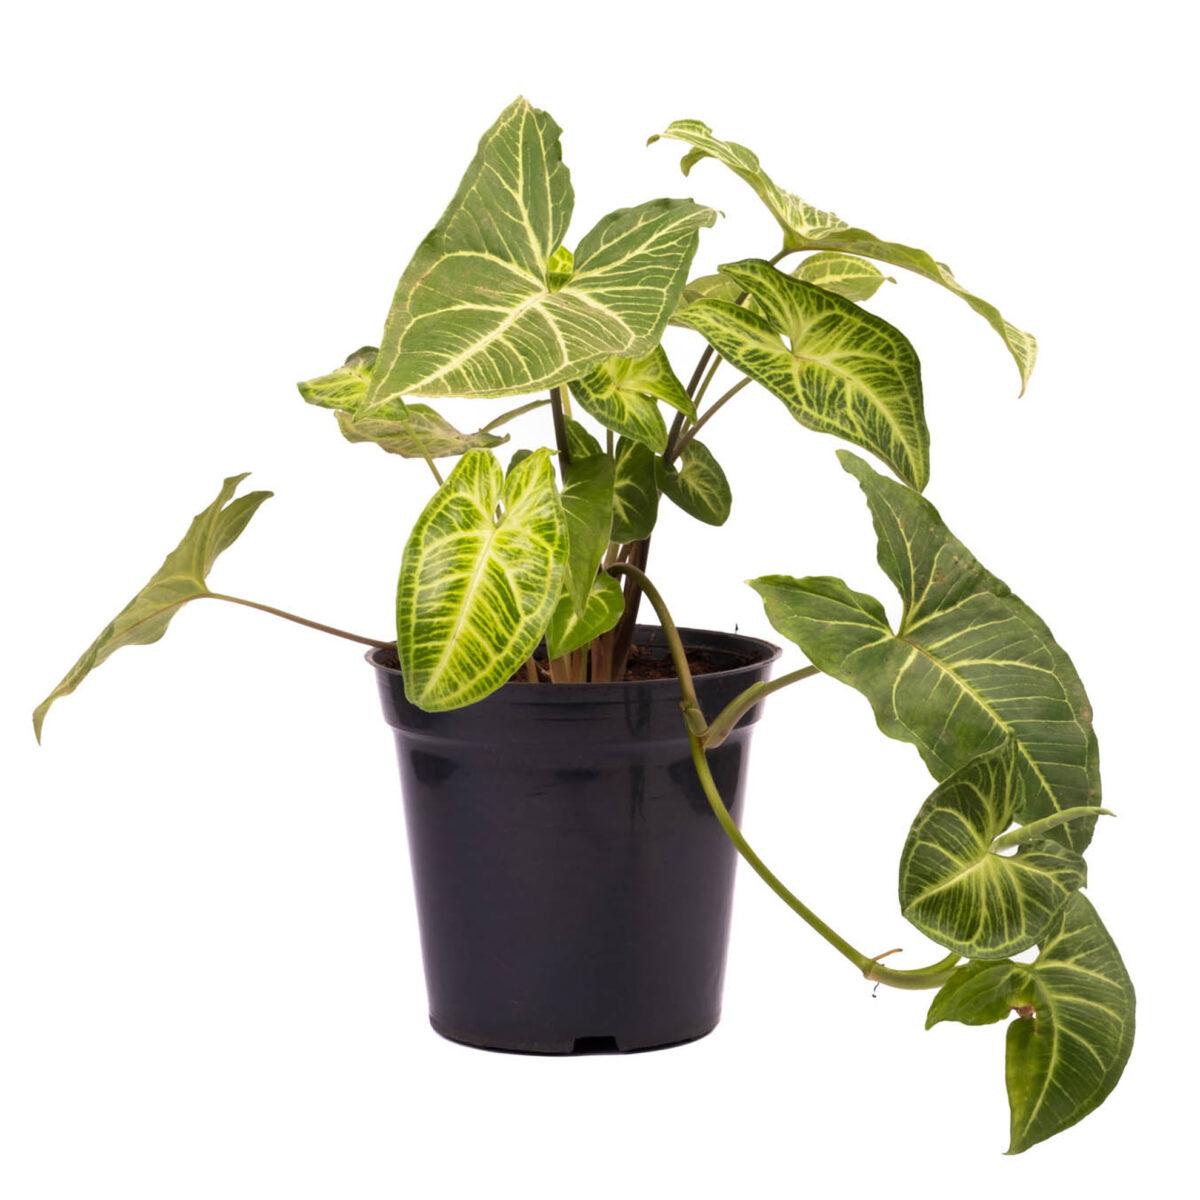 Arrowhead Plants picture